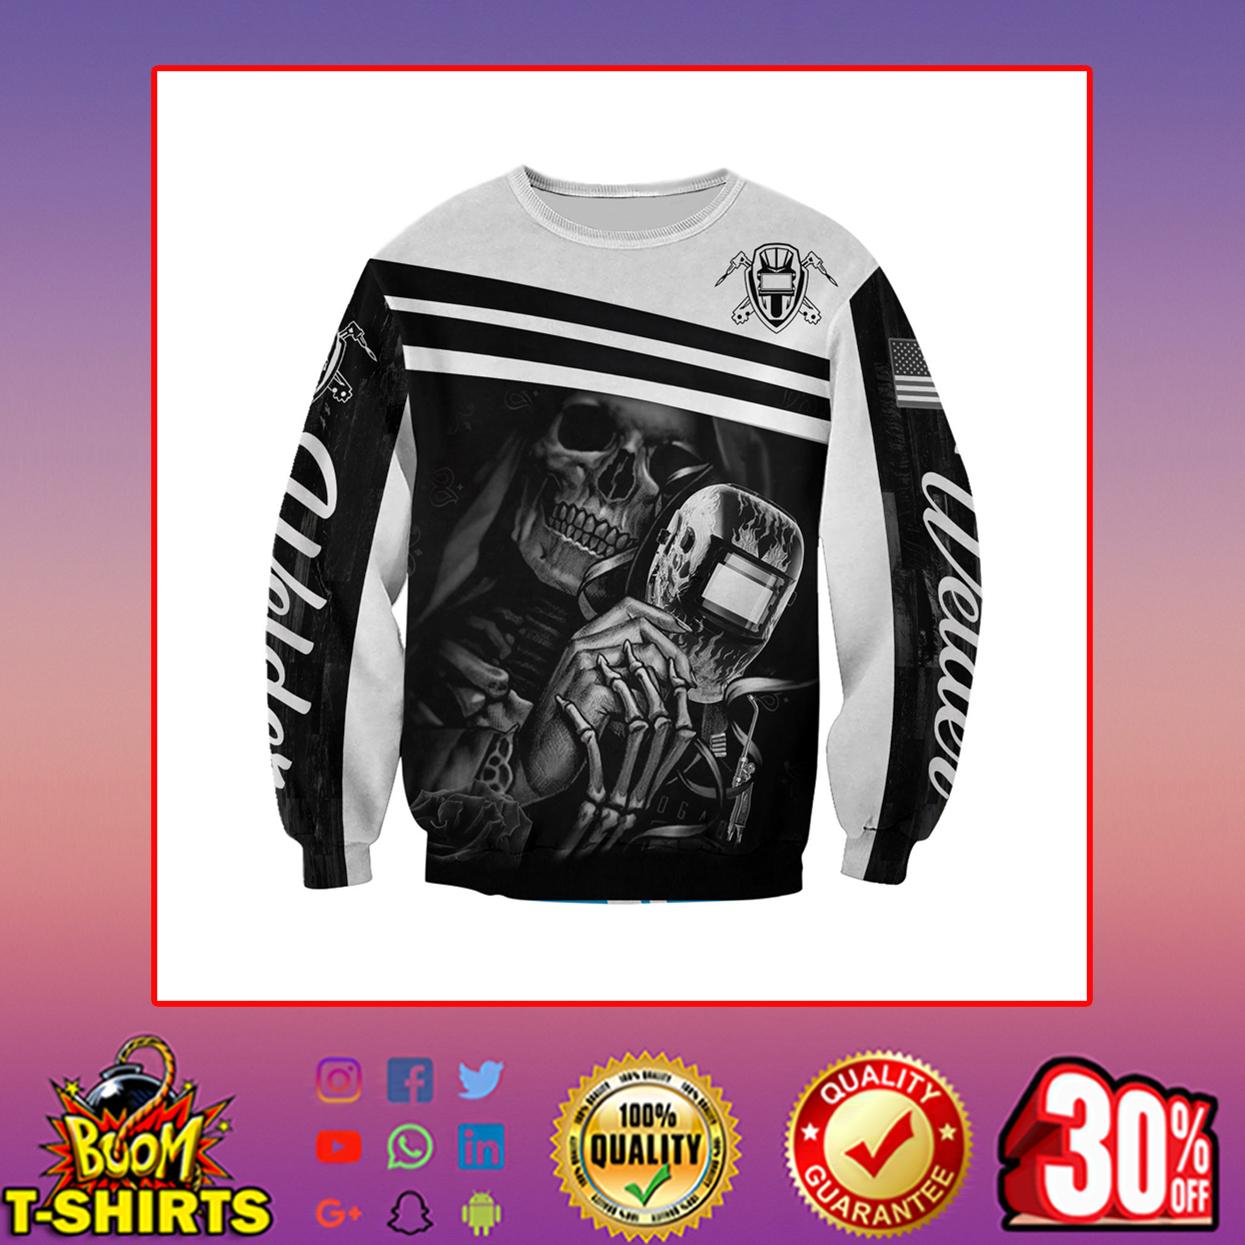 Welder skull skeleton 3d printed hoodie, t-shirt, zip hoodie - sweatshirt 3d